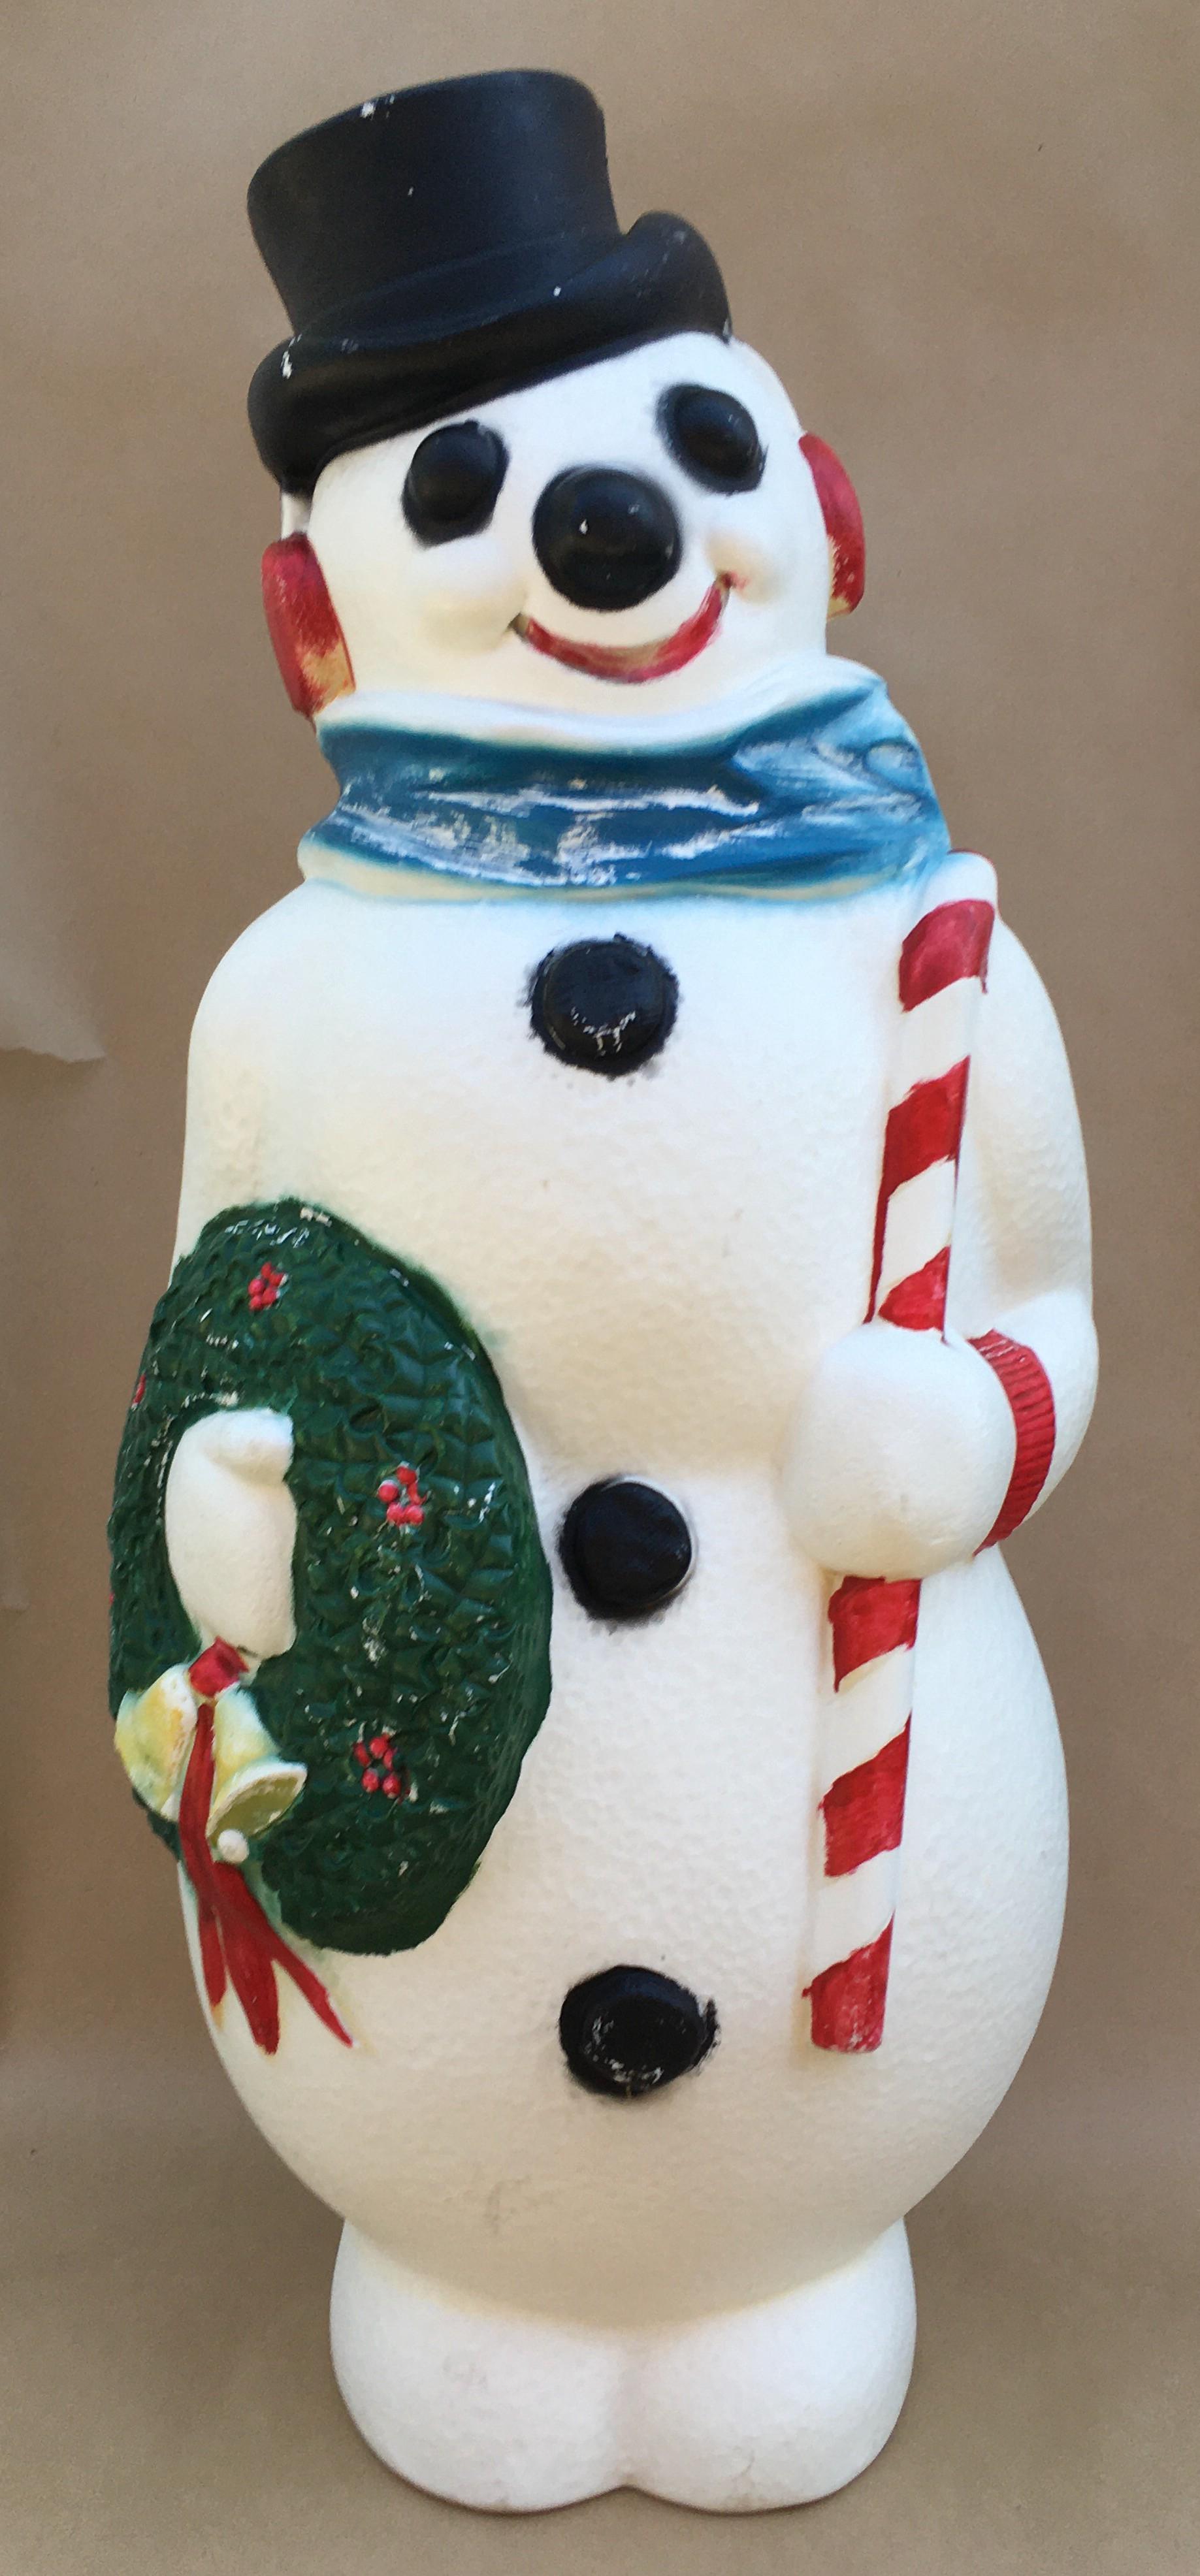 Giant Snowman photo